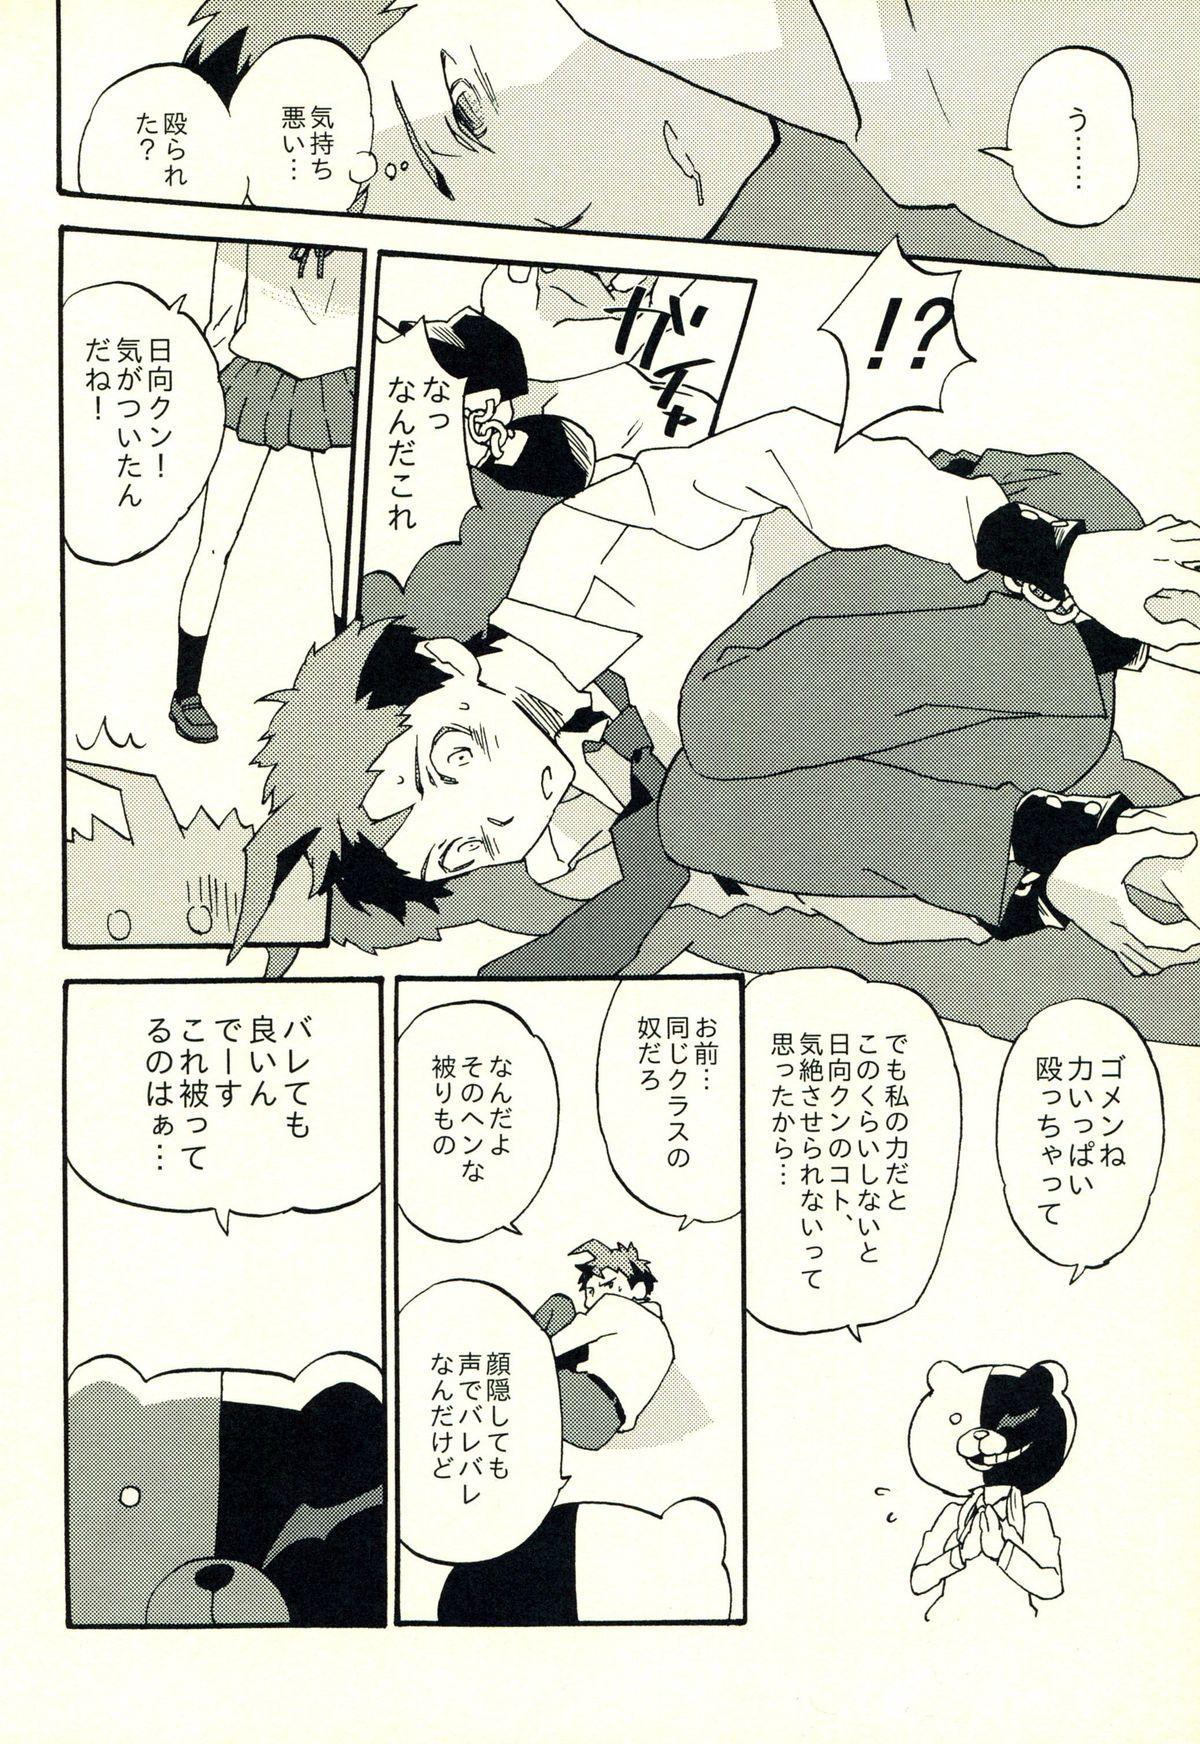 Hinata Hajime no Himitsu no Jikan 114